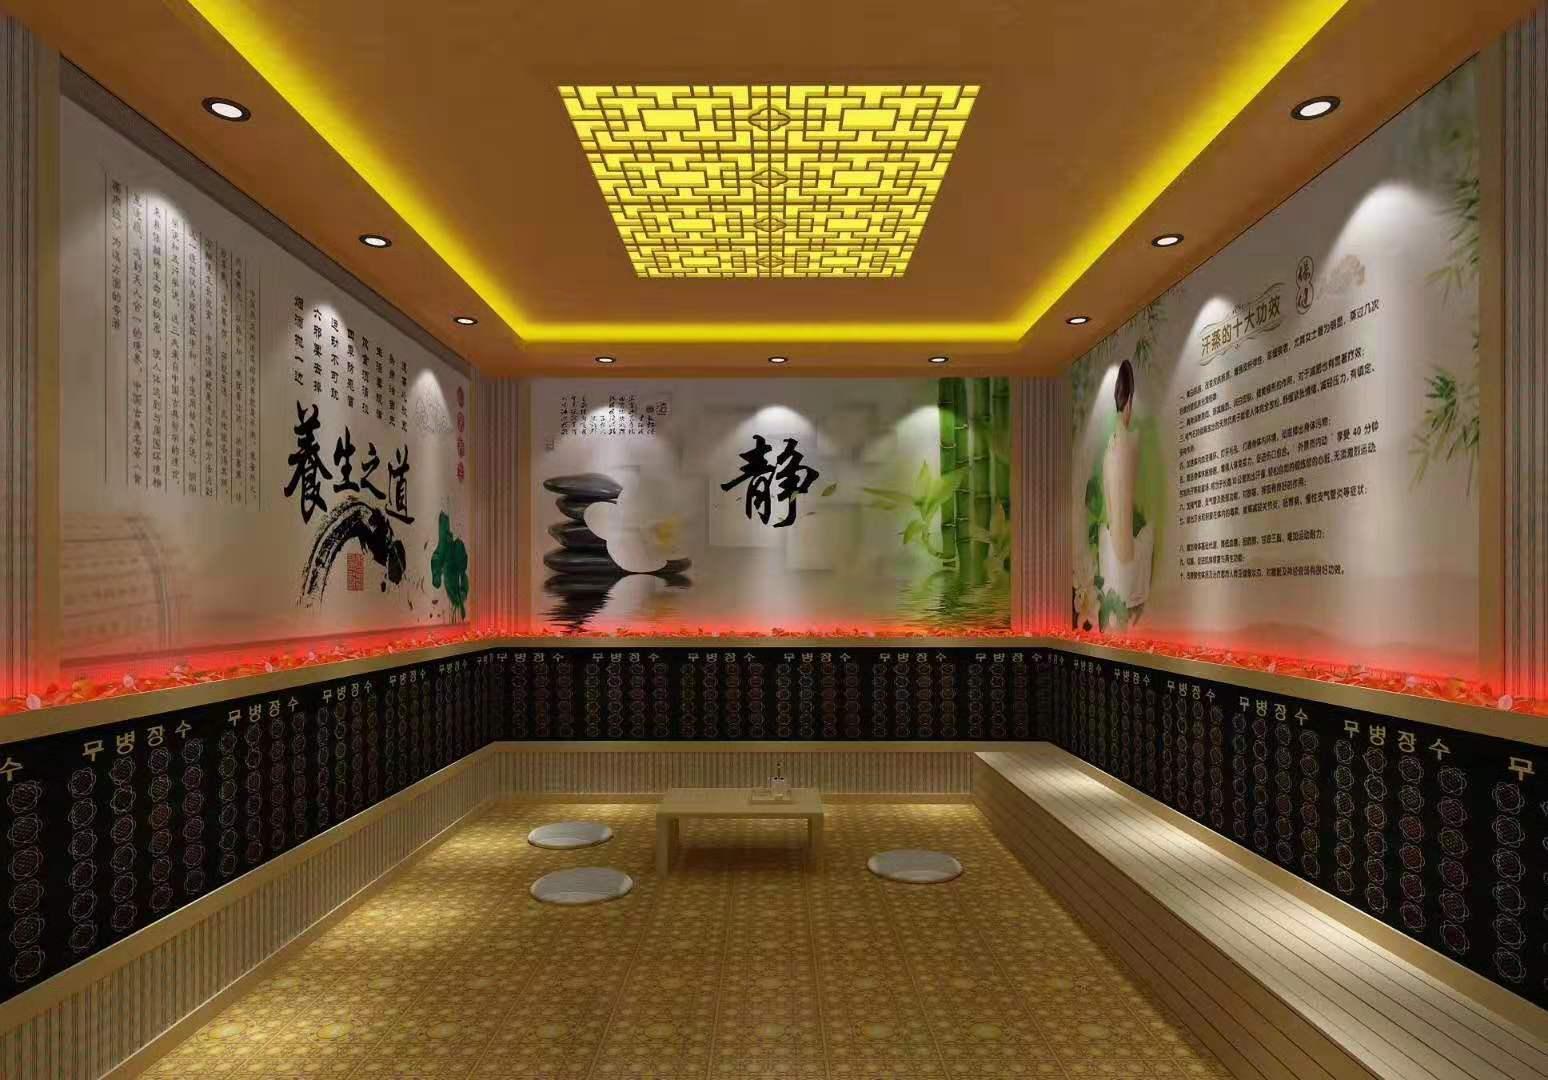 西藏省日喀则市定日纳米汗蒸房安装款式介绍